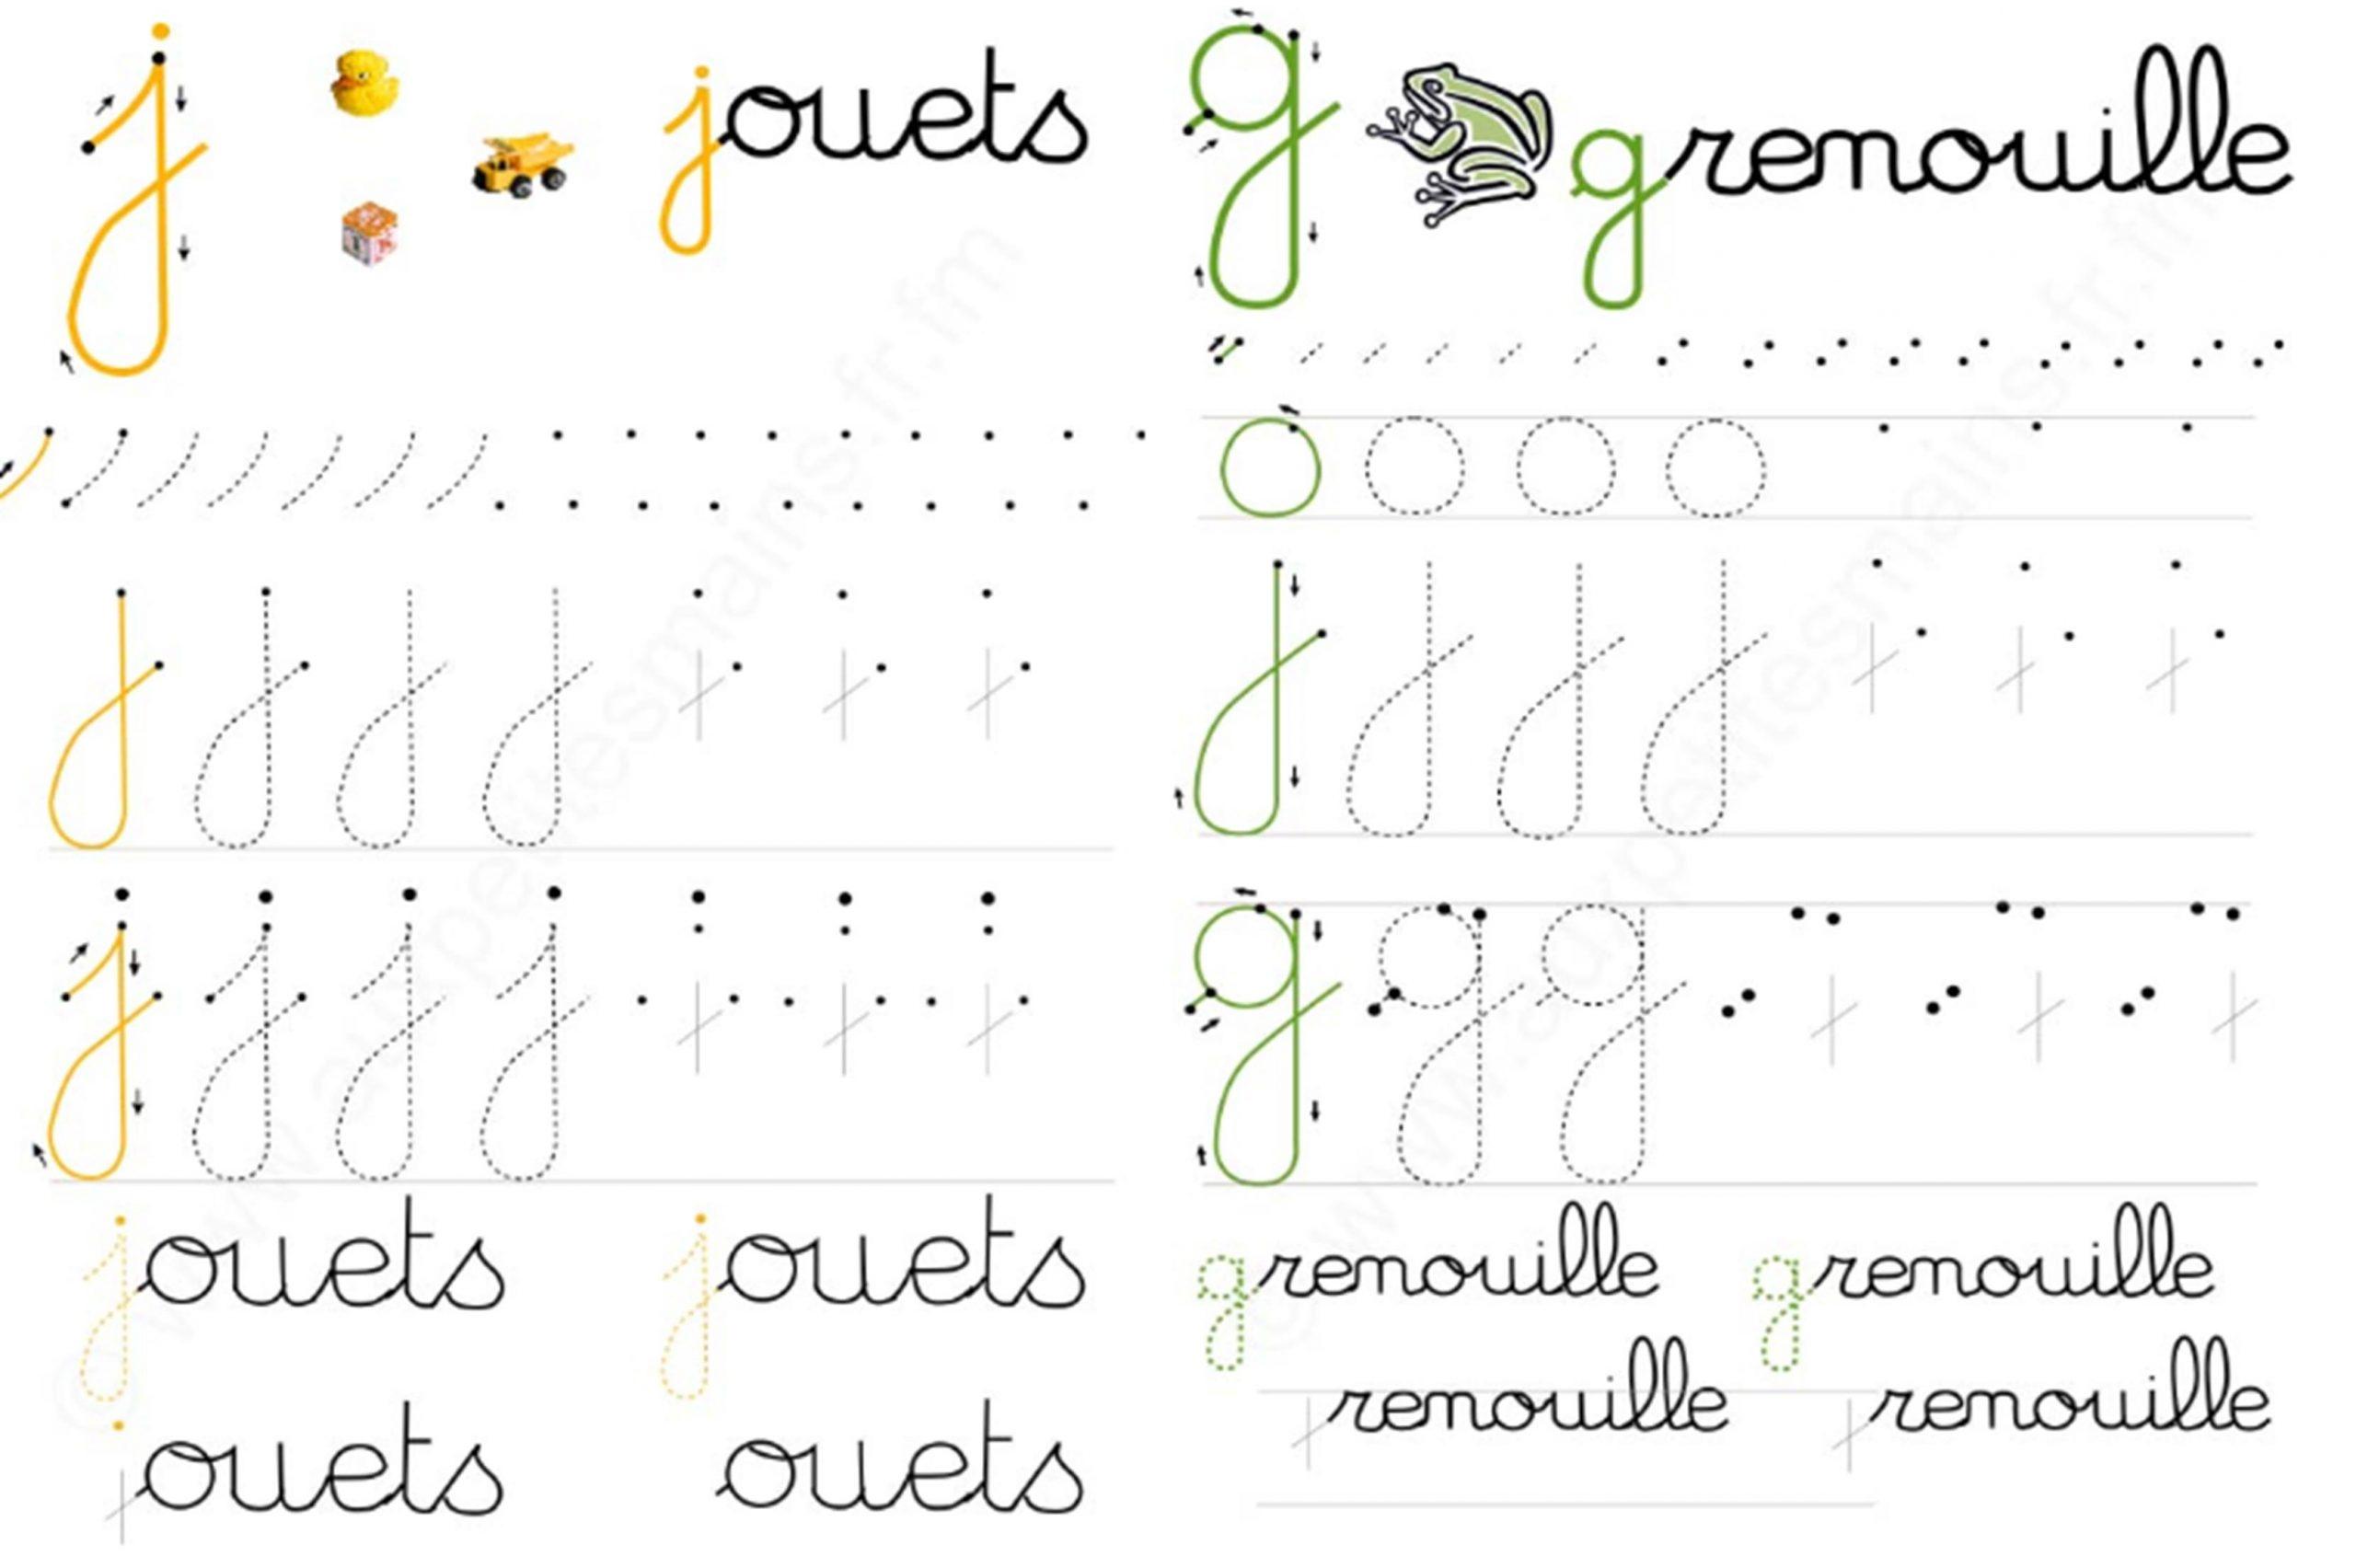 Fichier D'écriture Grande Section | Le Blog De Monsieur Mathieu destiné Fiche Maternelle Moyenne Section À Imprimer